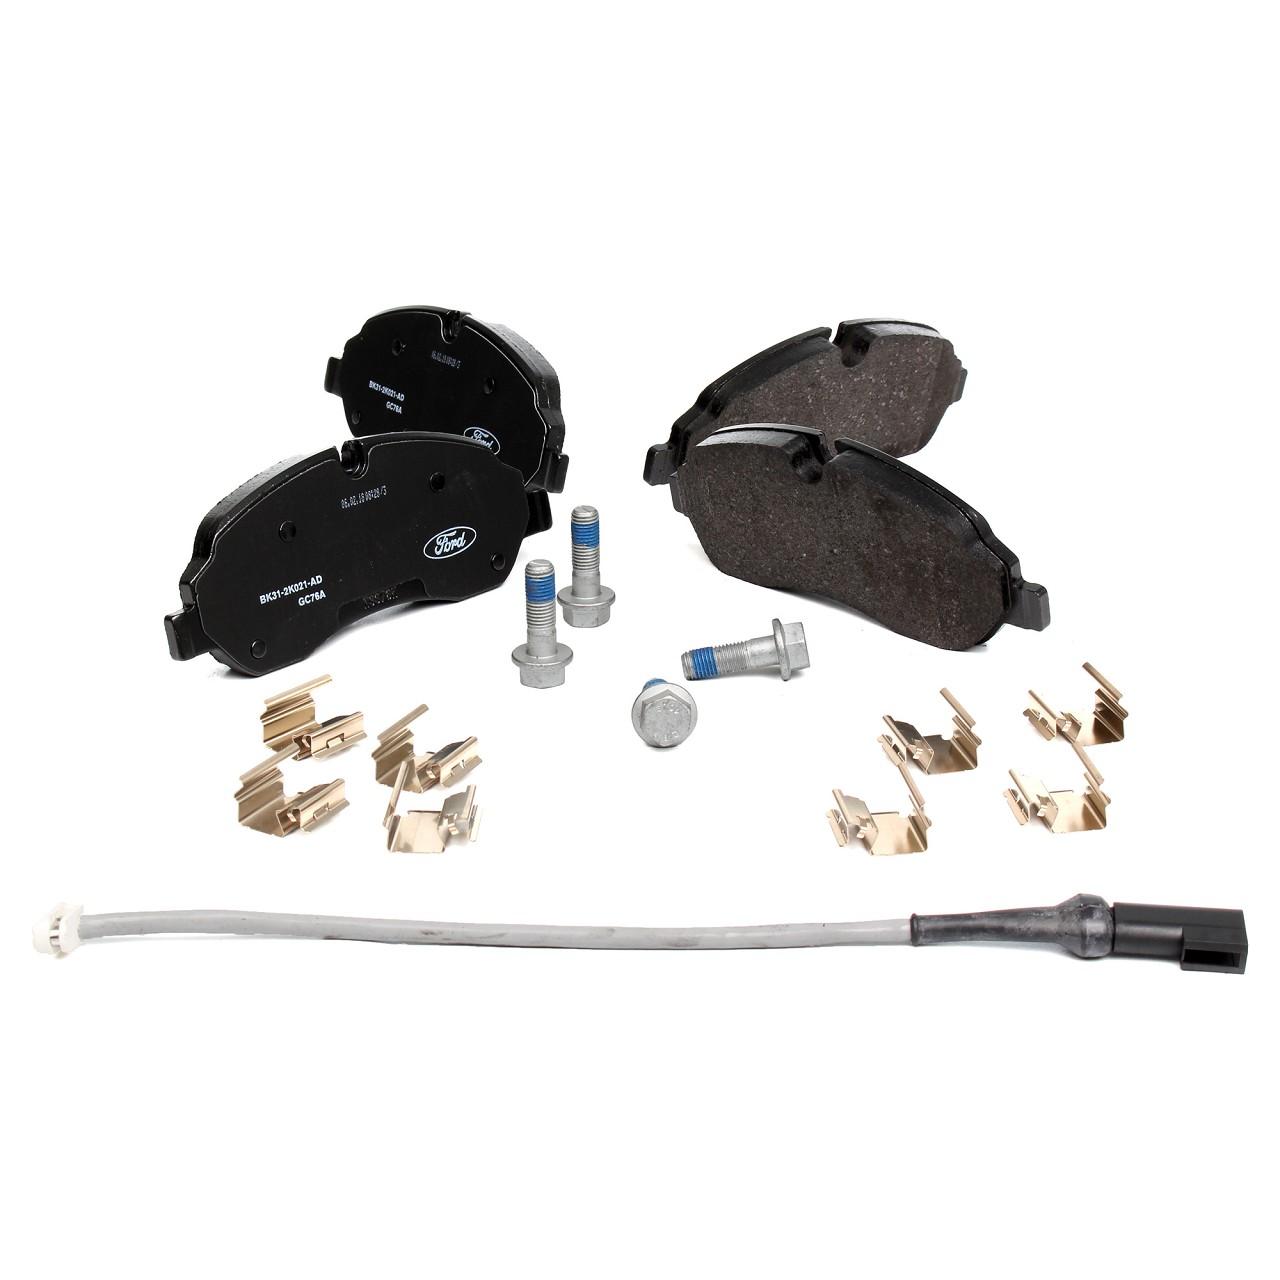 ORIGINAL Ford Bremsscheiben + Bremsbeläge + Wako TRANSIT CUSTOM Kasten vorne